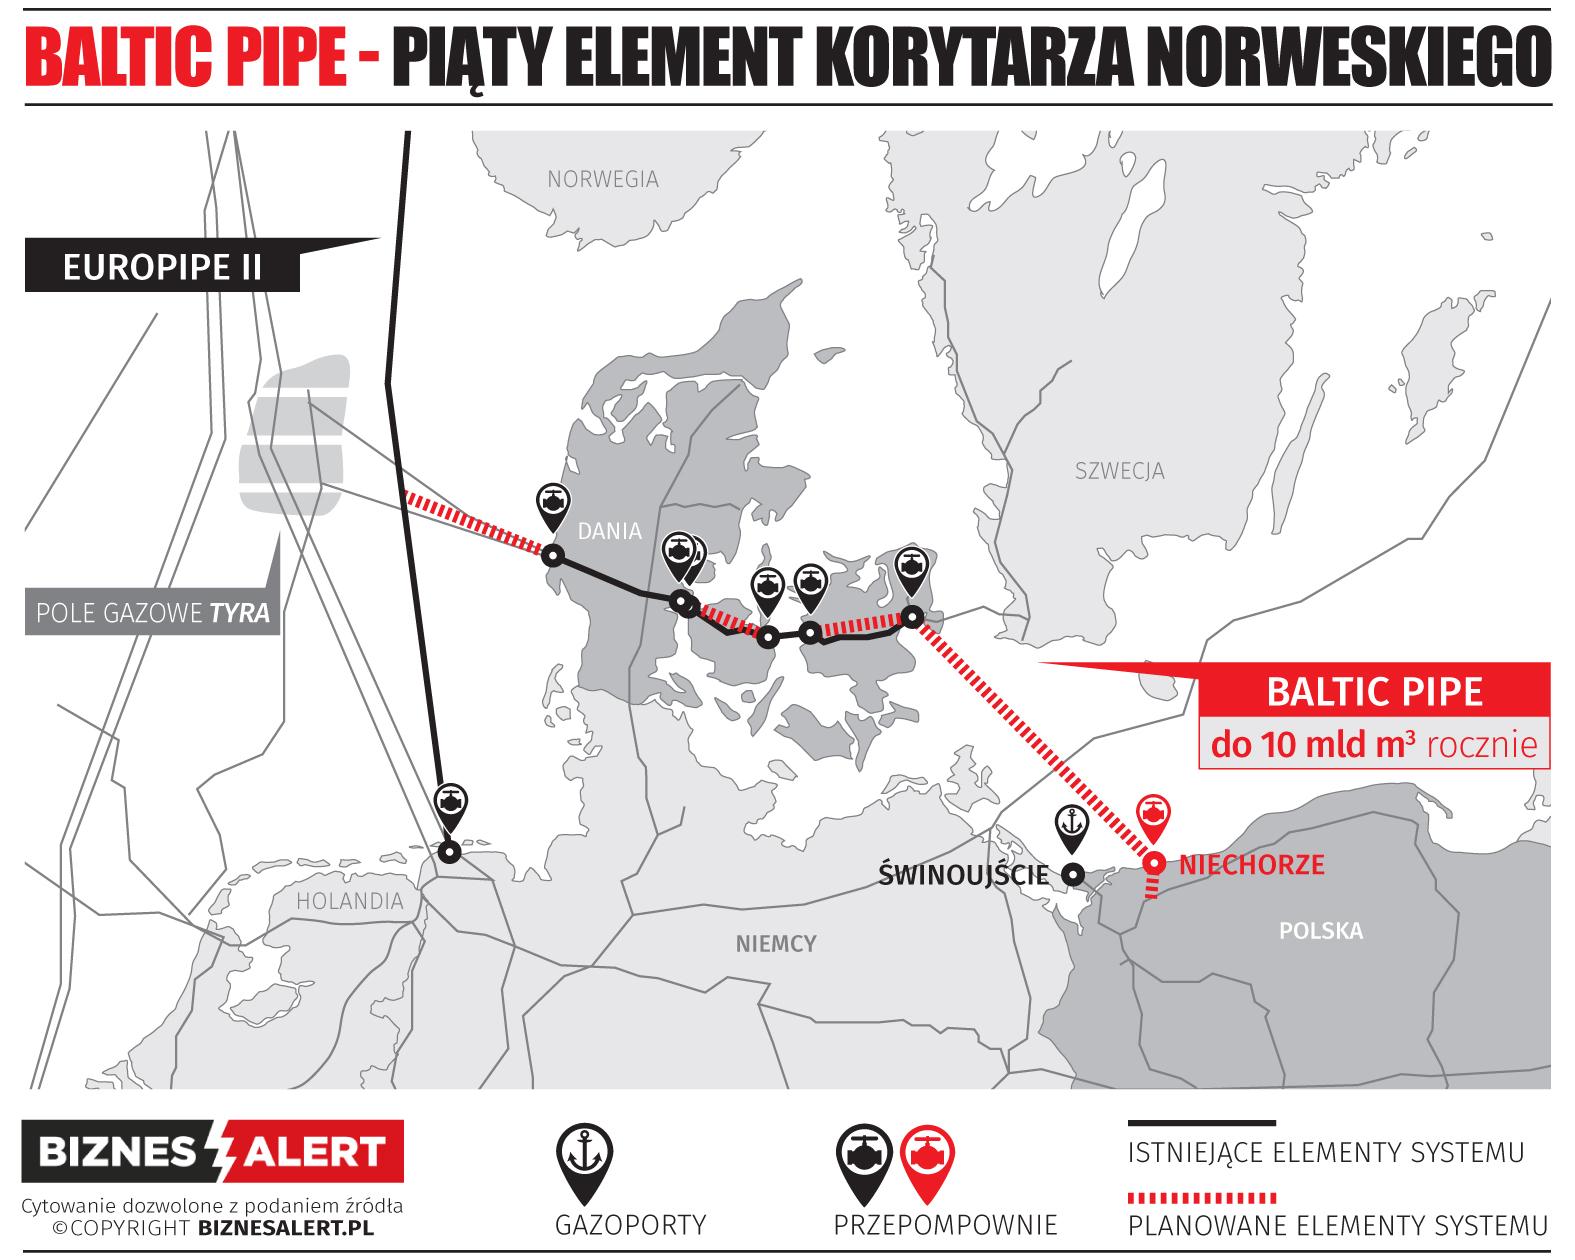 Elementy Korytarza Norweskiego. Grafika: BiznesAlert.pl